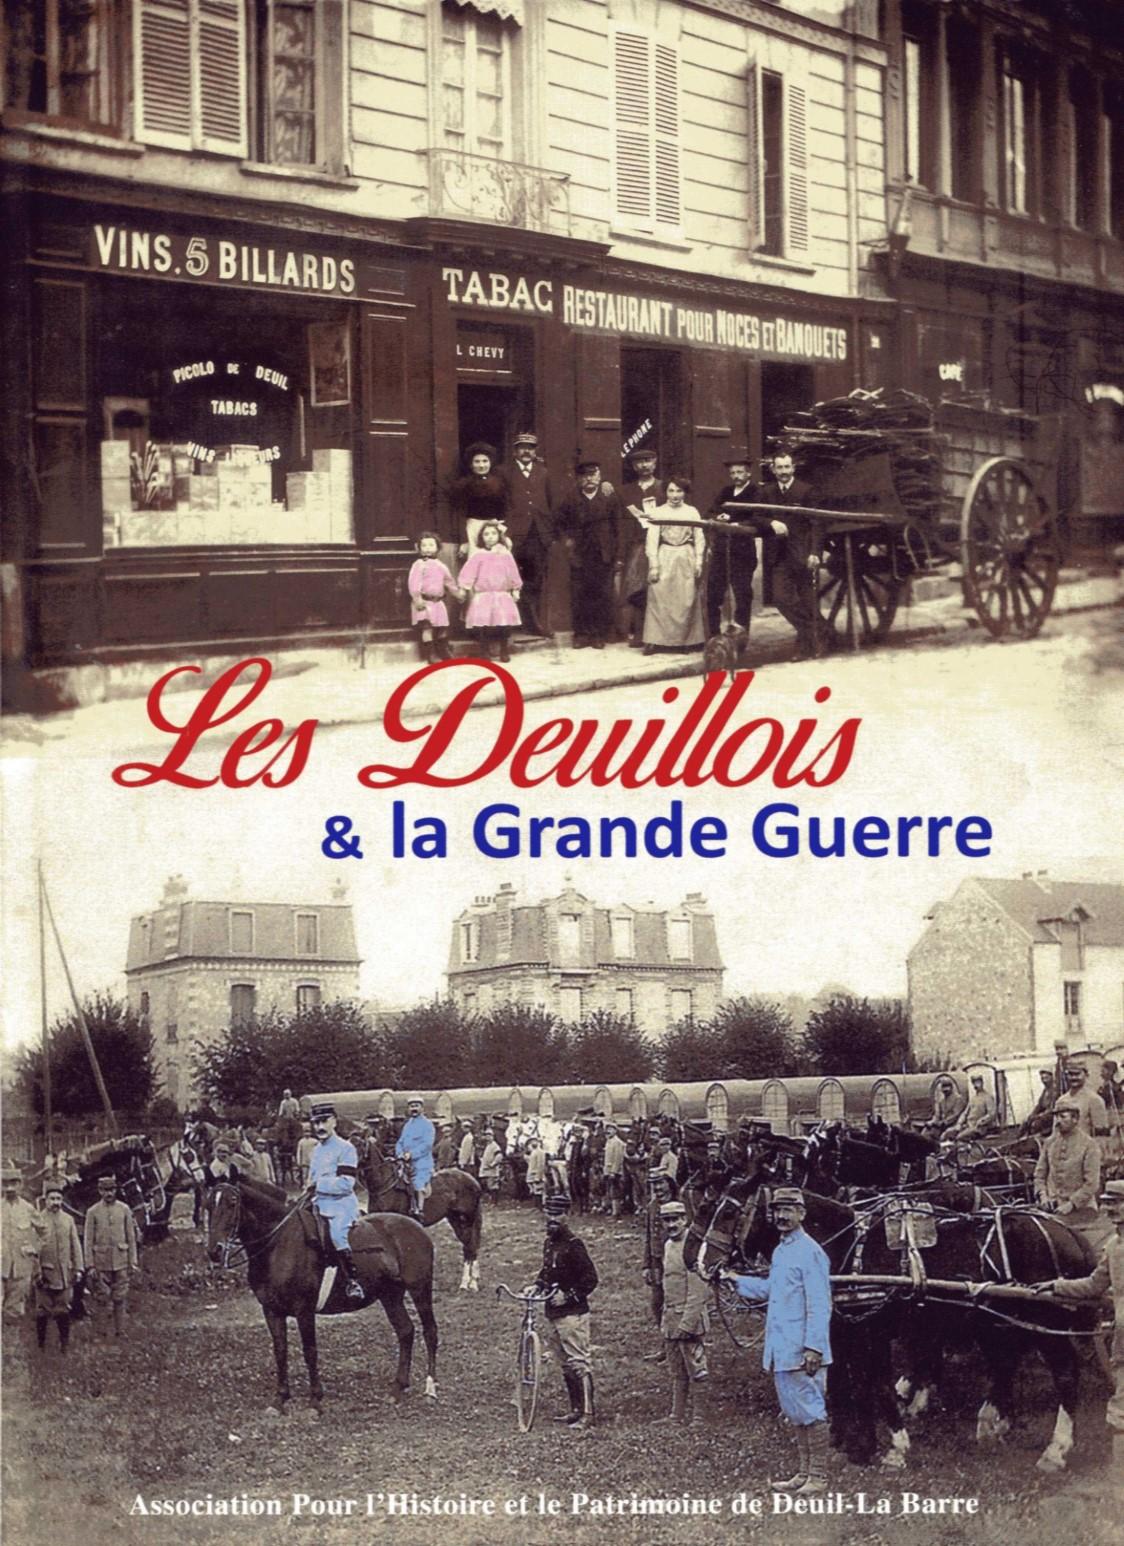 Les Deuillois et la Grande Guerre